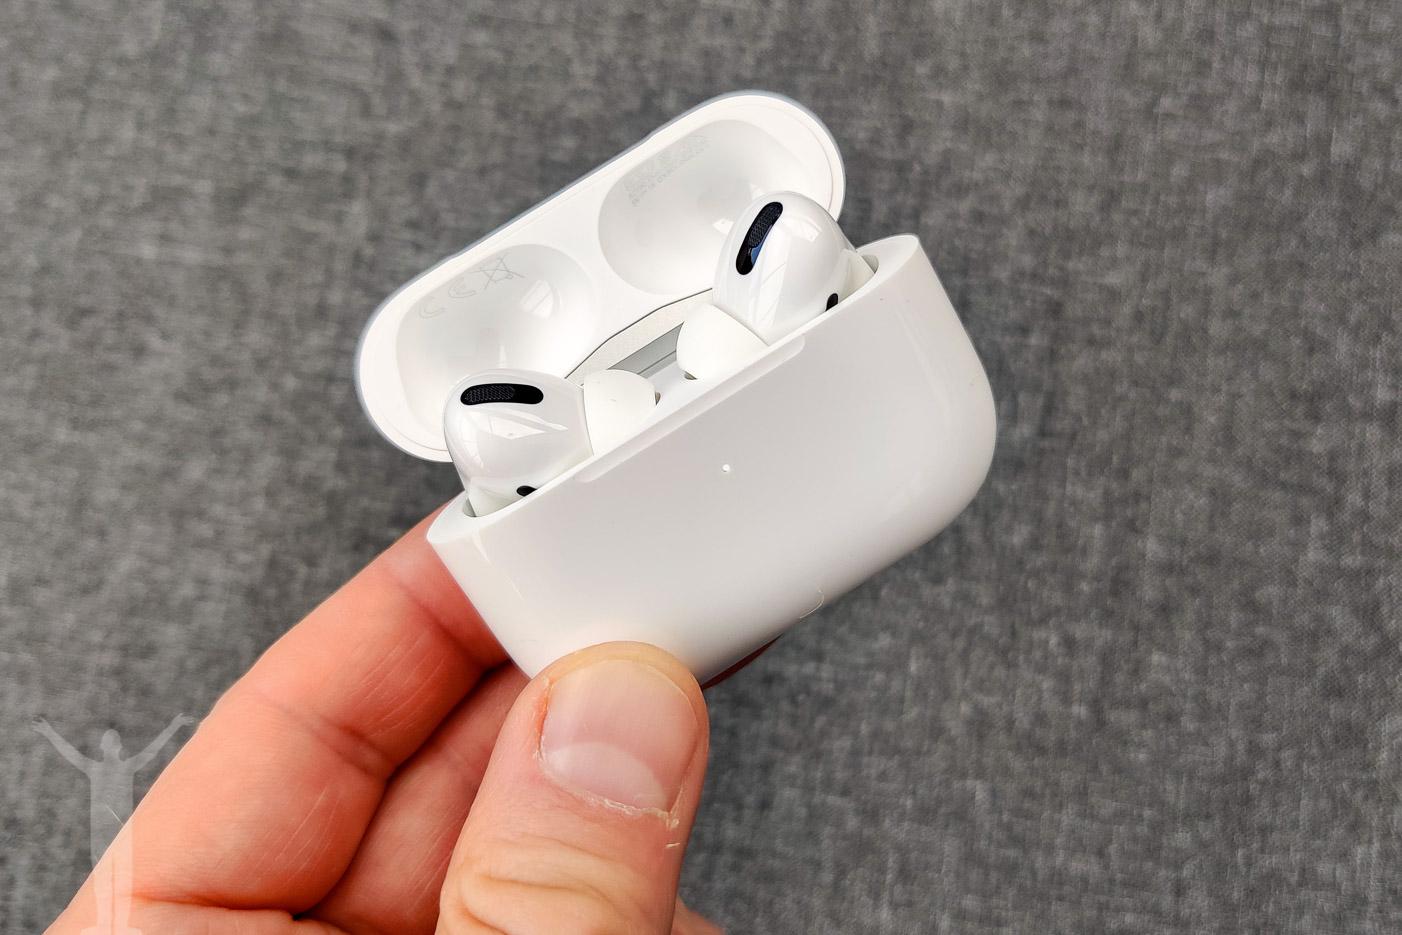 Apple Airpods Pro - äntligen!